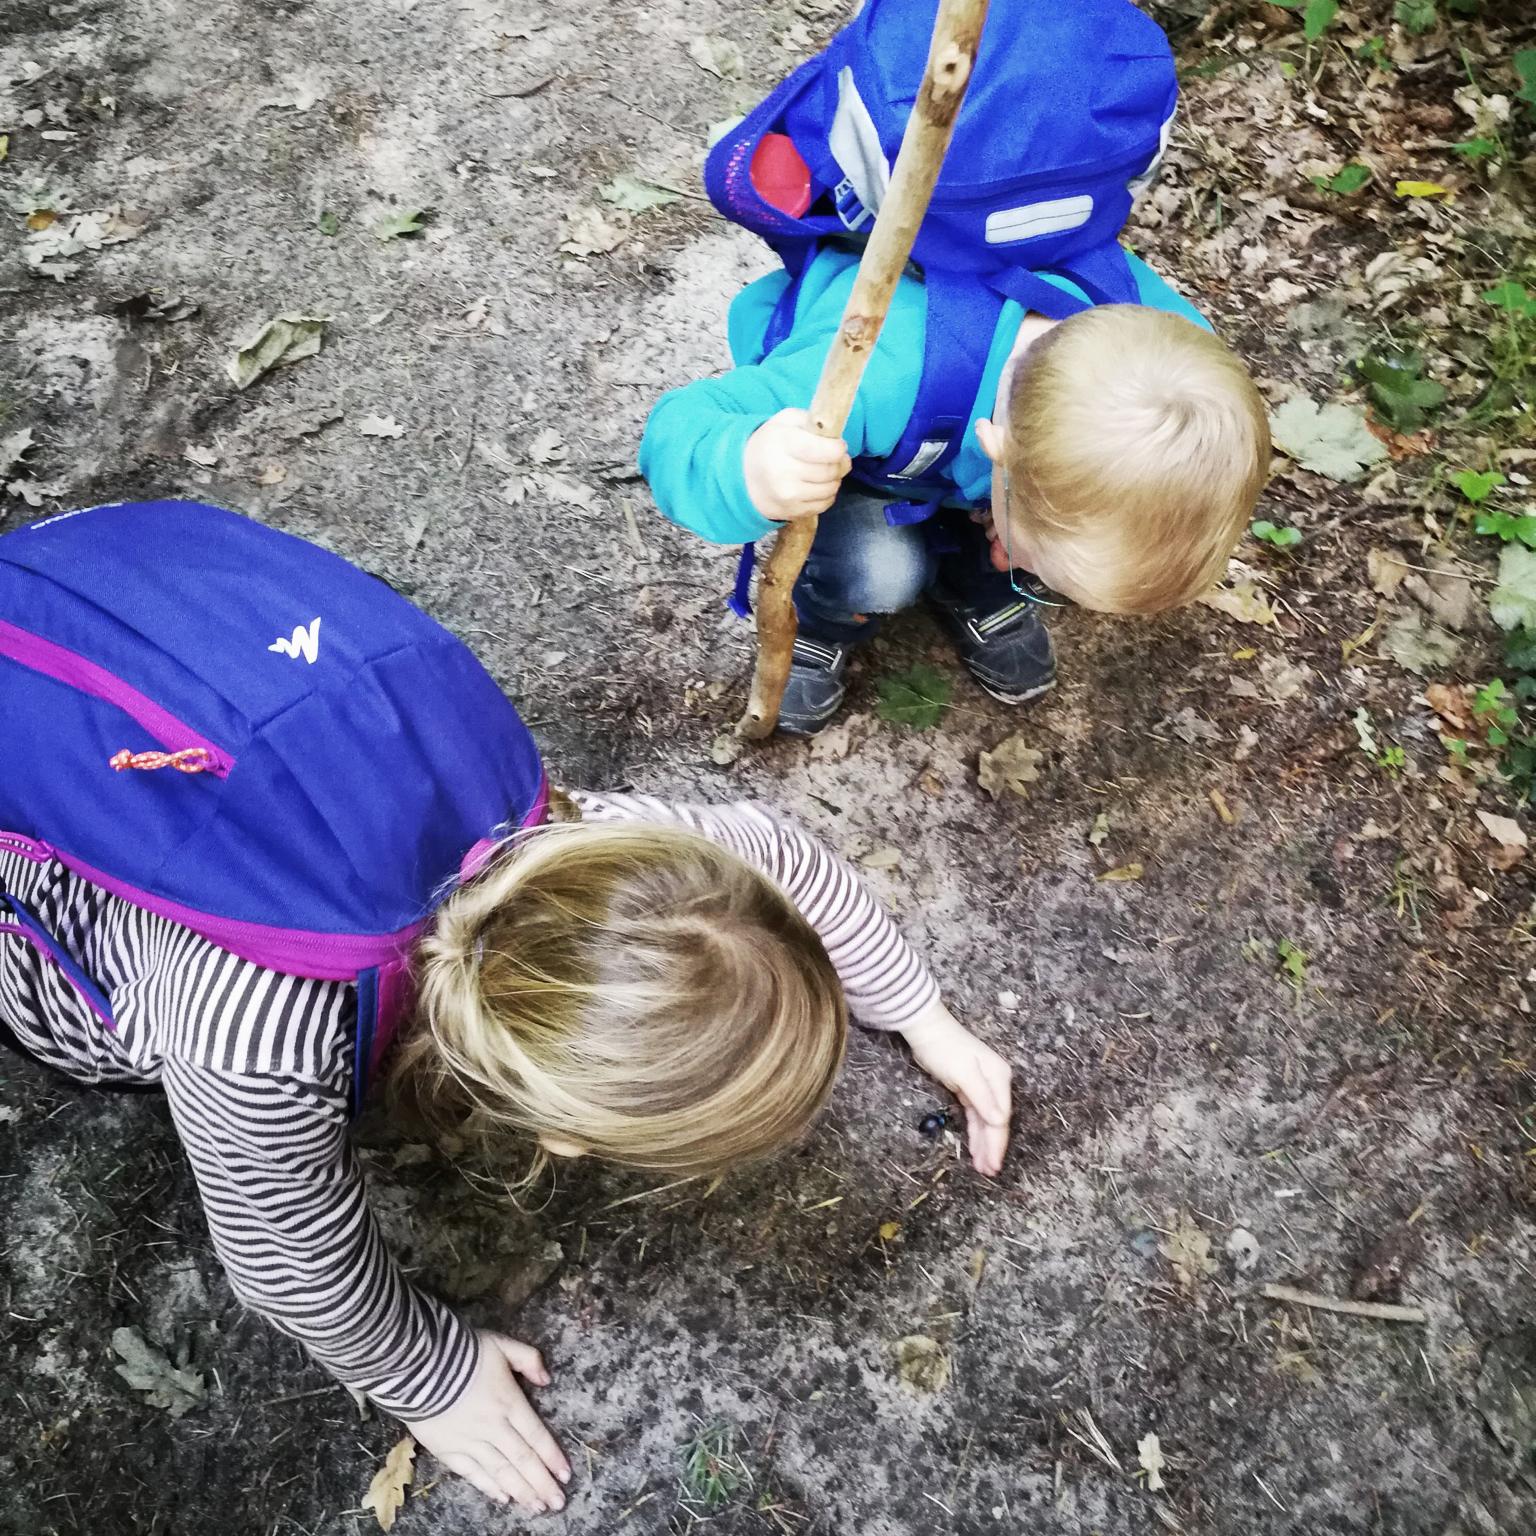 vandretur_familie_enlige_born_langeland_oplevelser